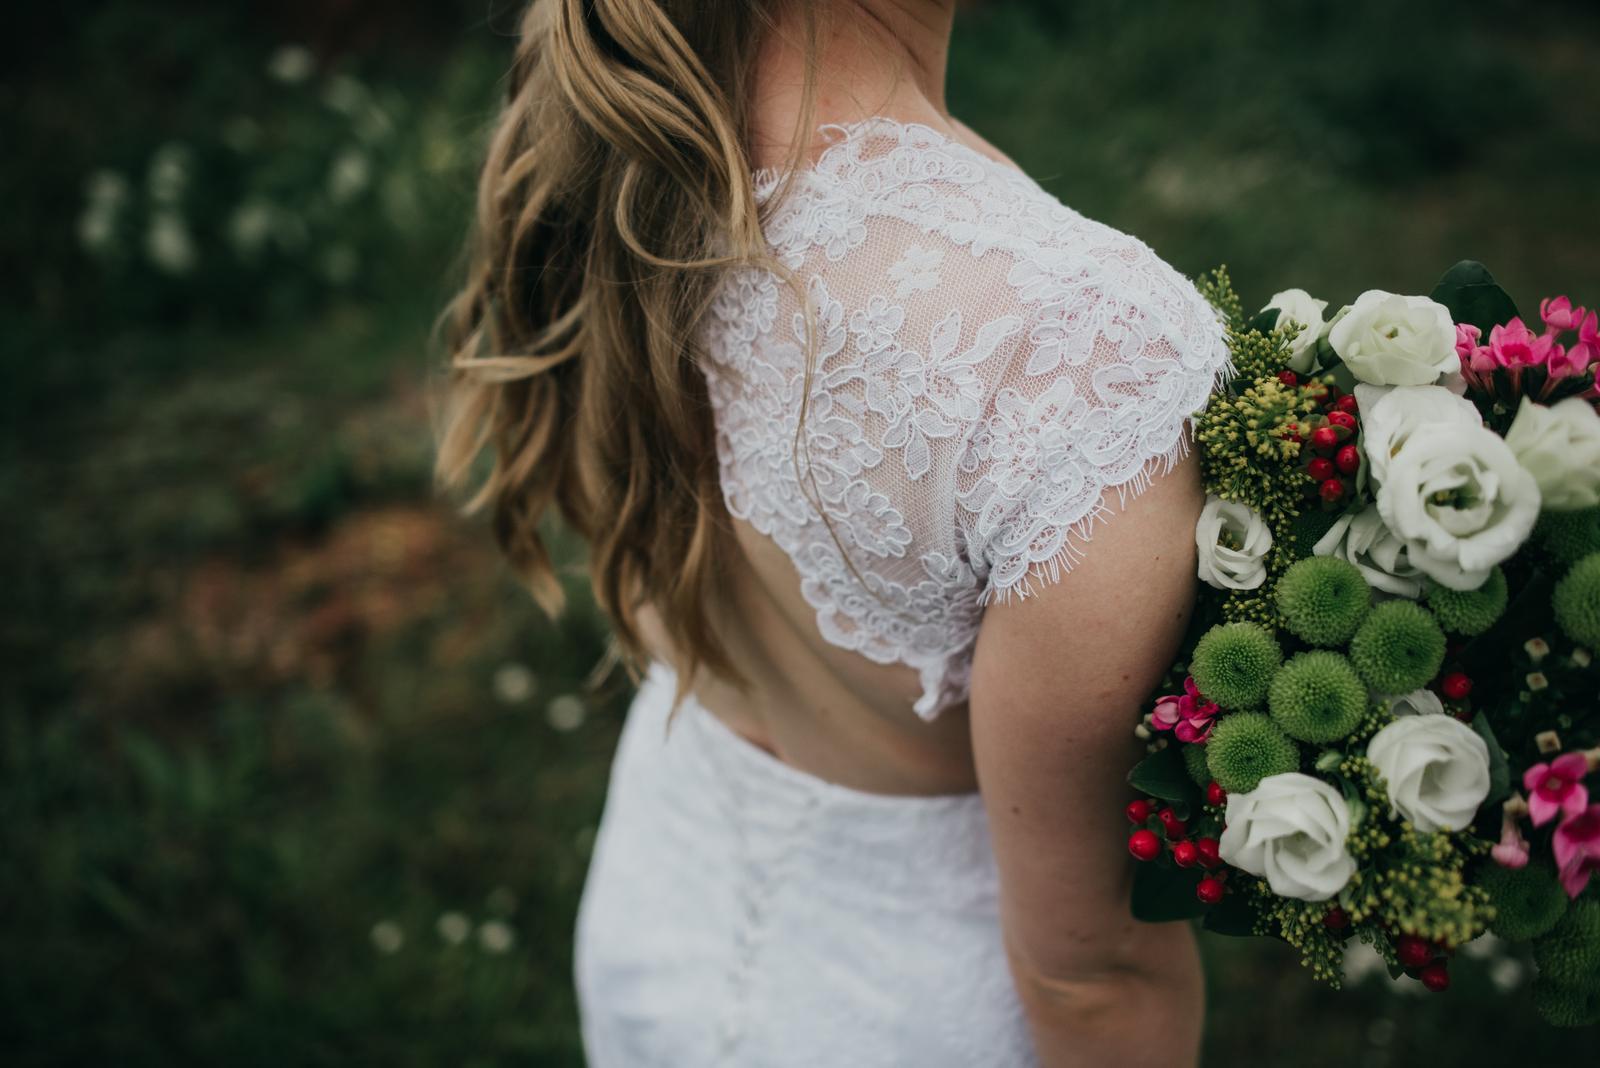 bílé svatební šaty s krajkou 36 - 38 - Obrázek č. 1